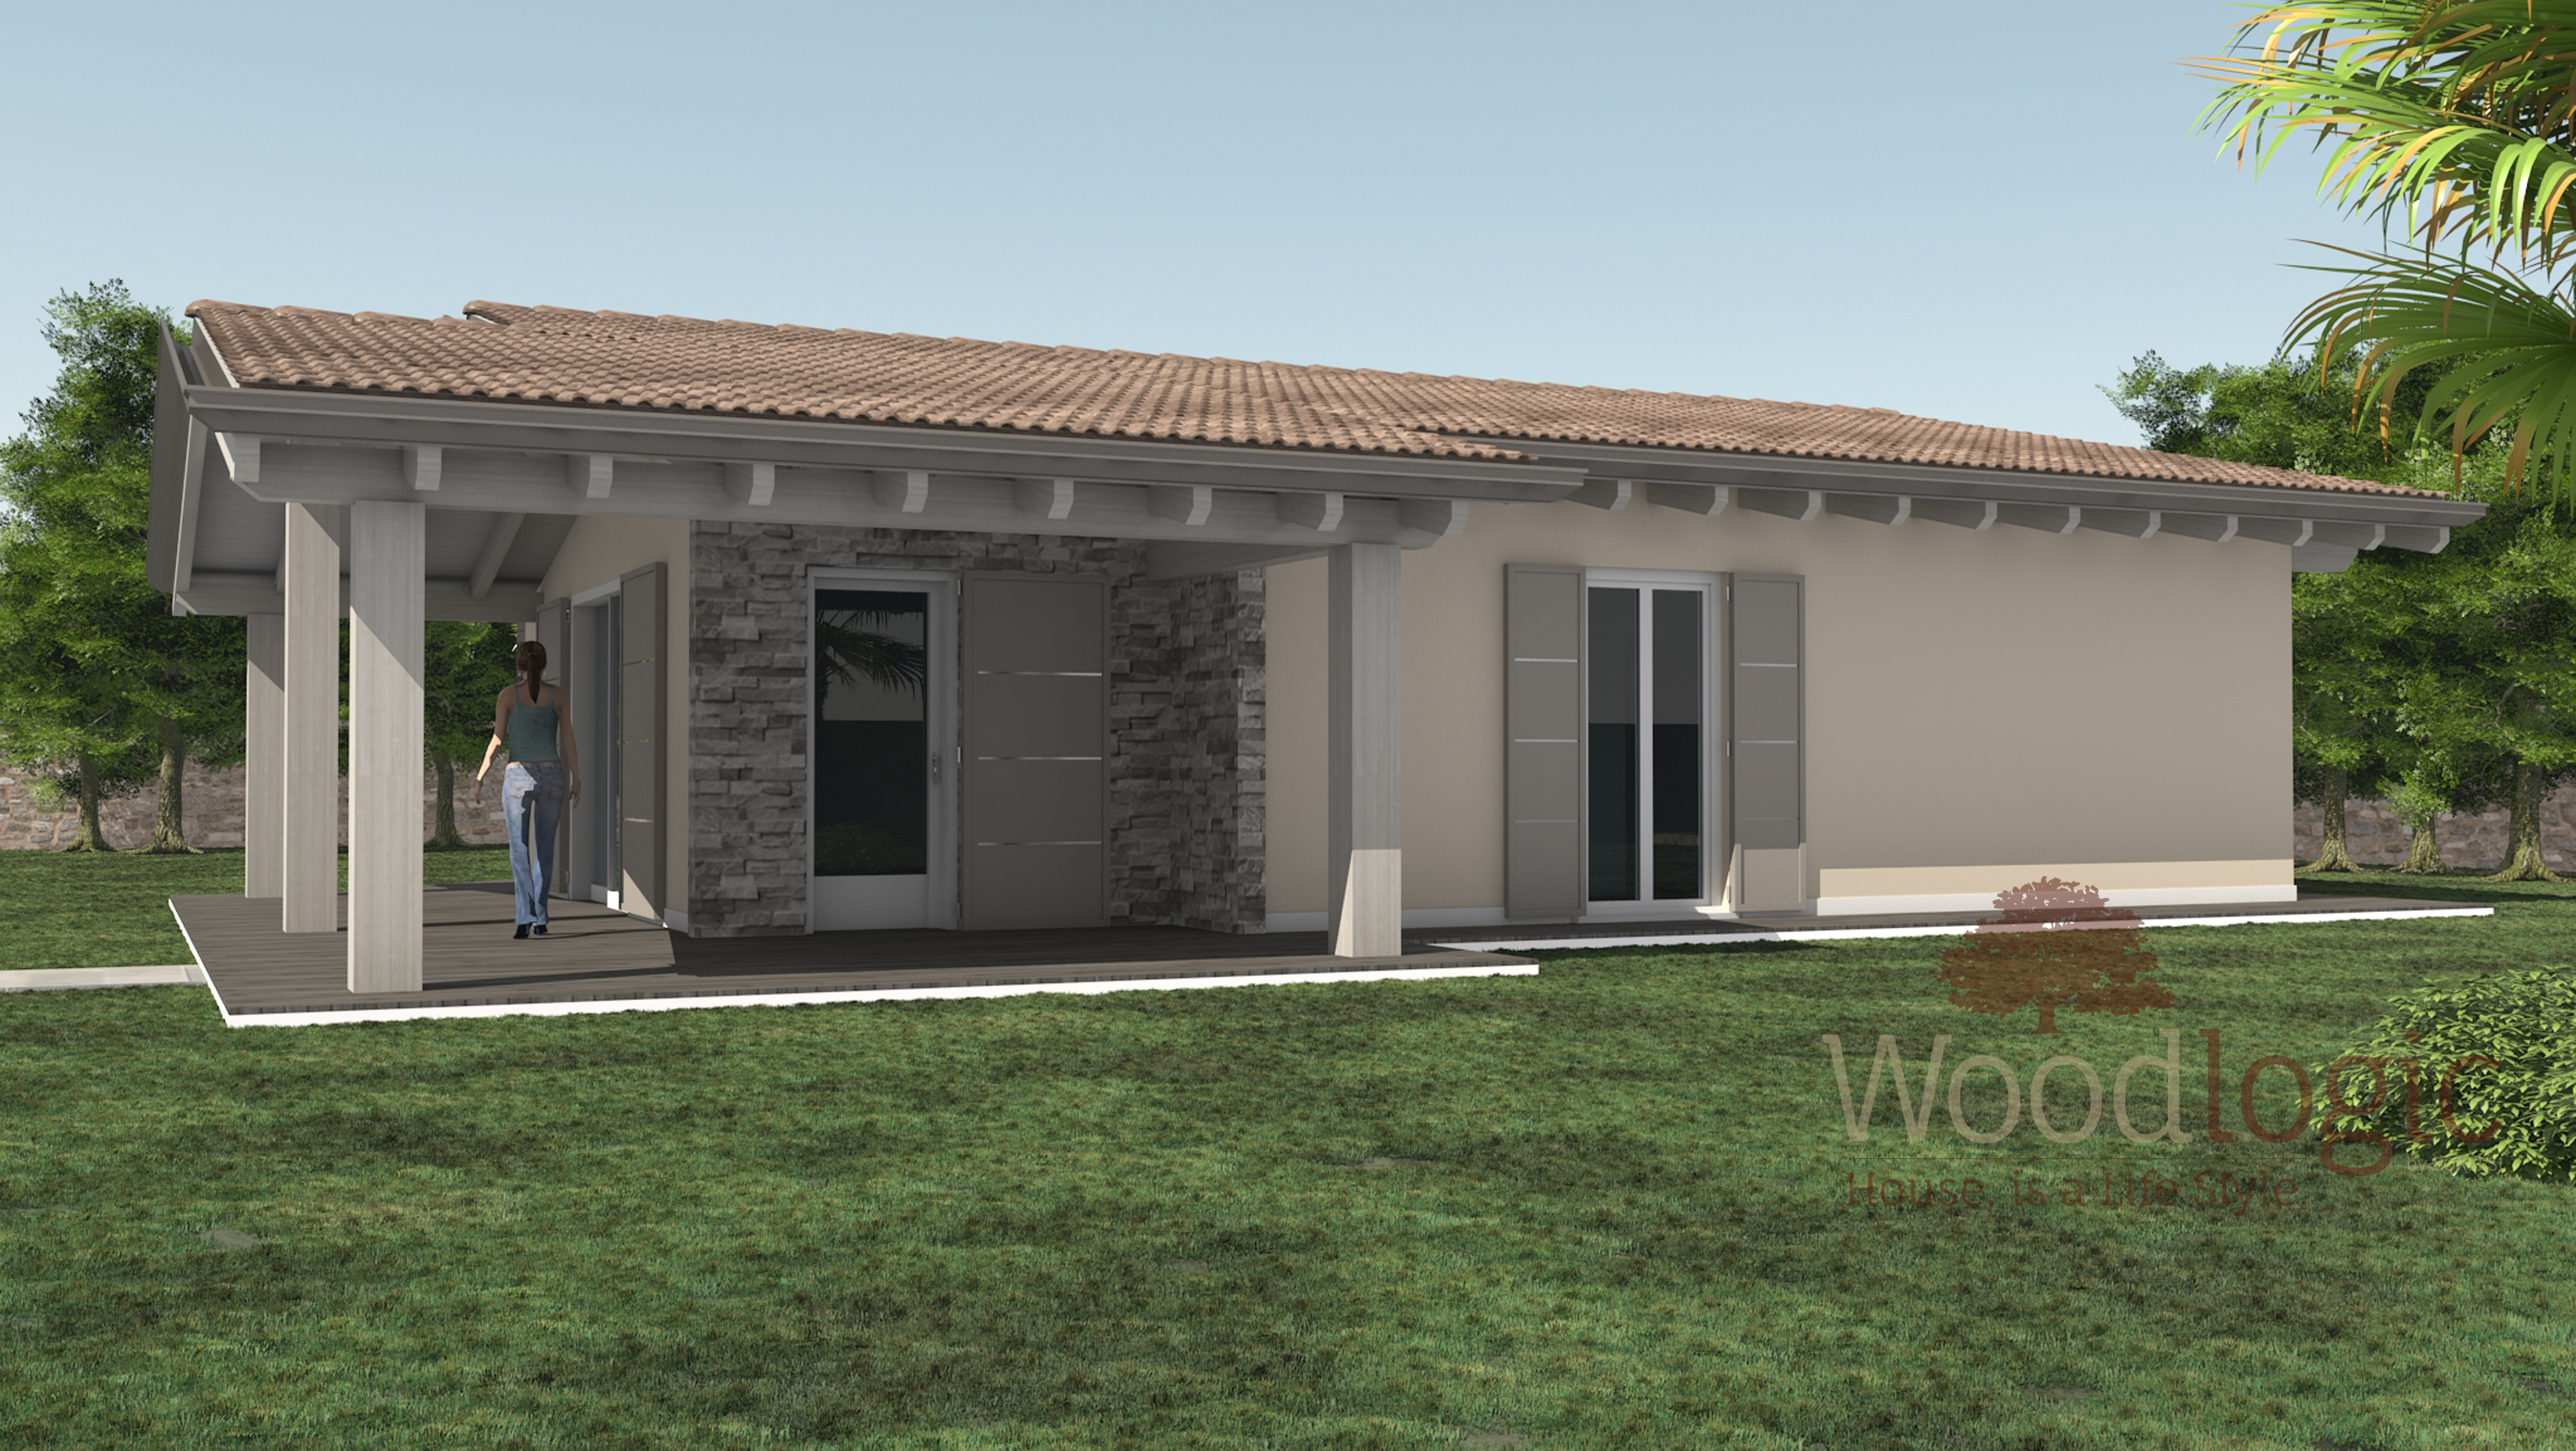 Villa mimosa case ecologiche classiche woodlogic for Case moderne classiche